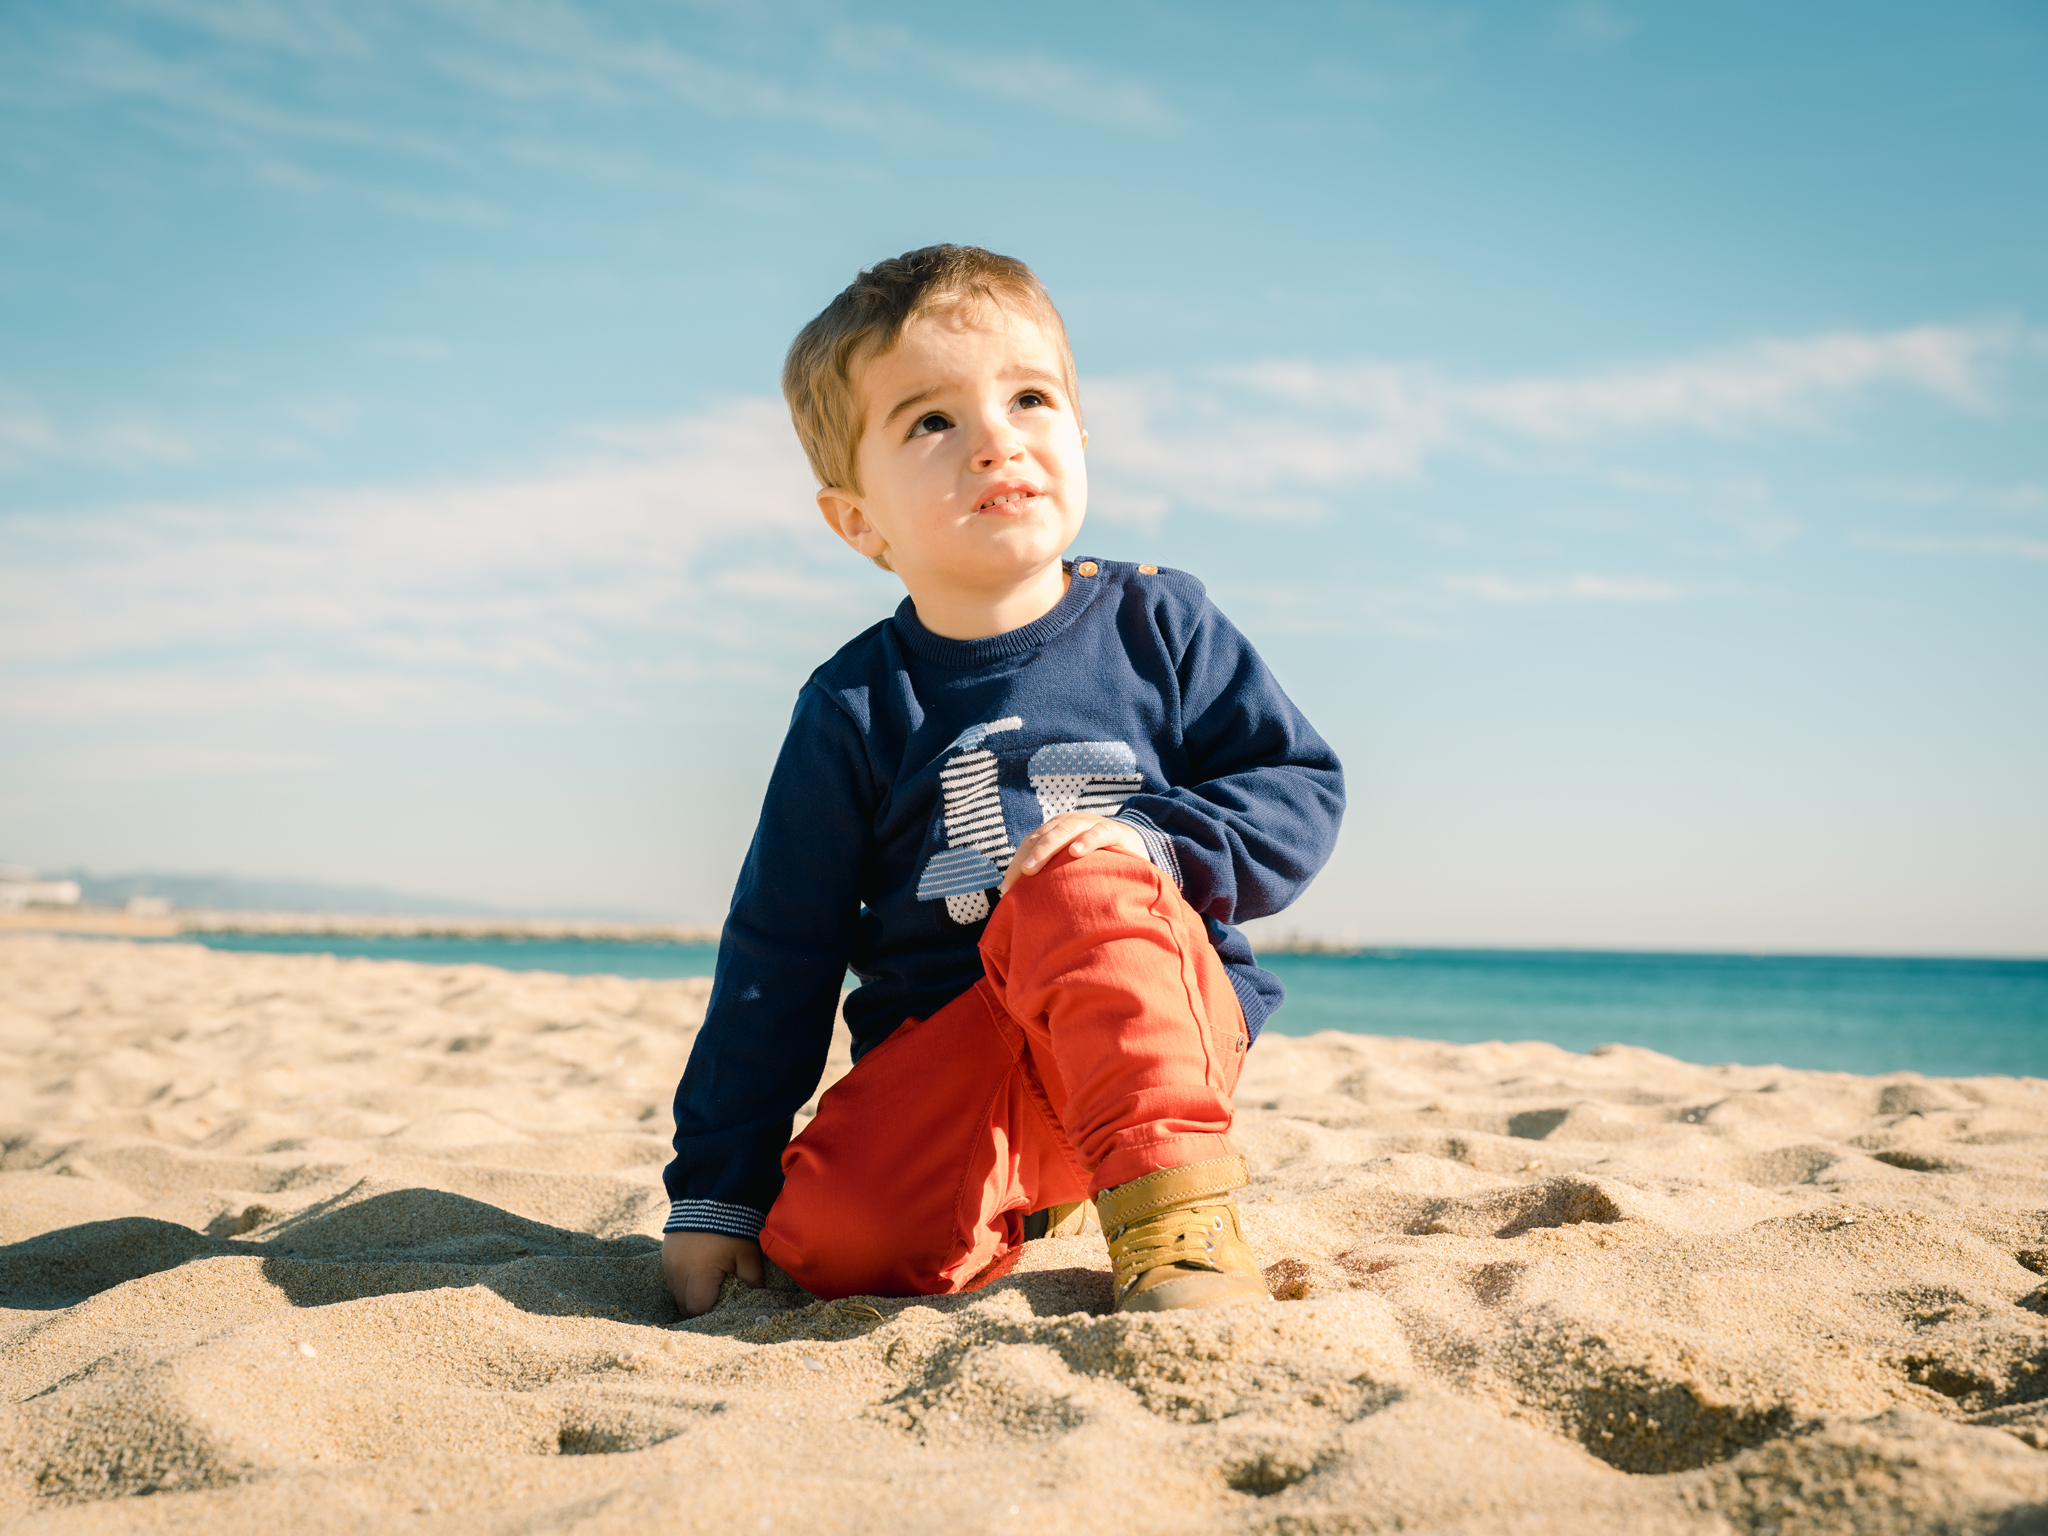 fotografia-infantil0006.jpg